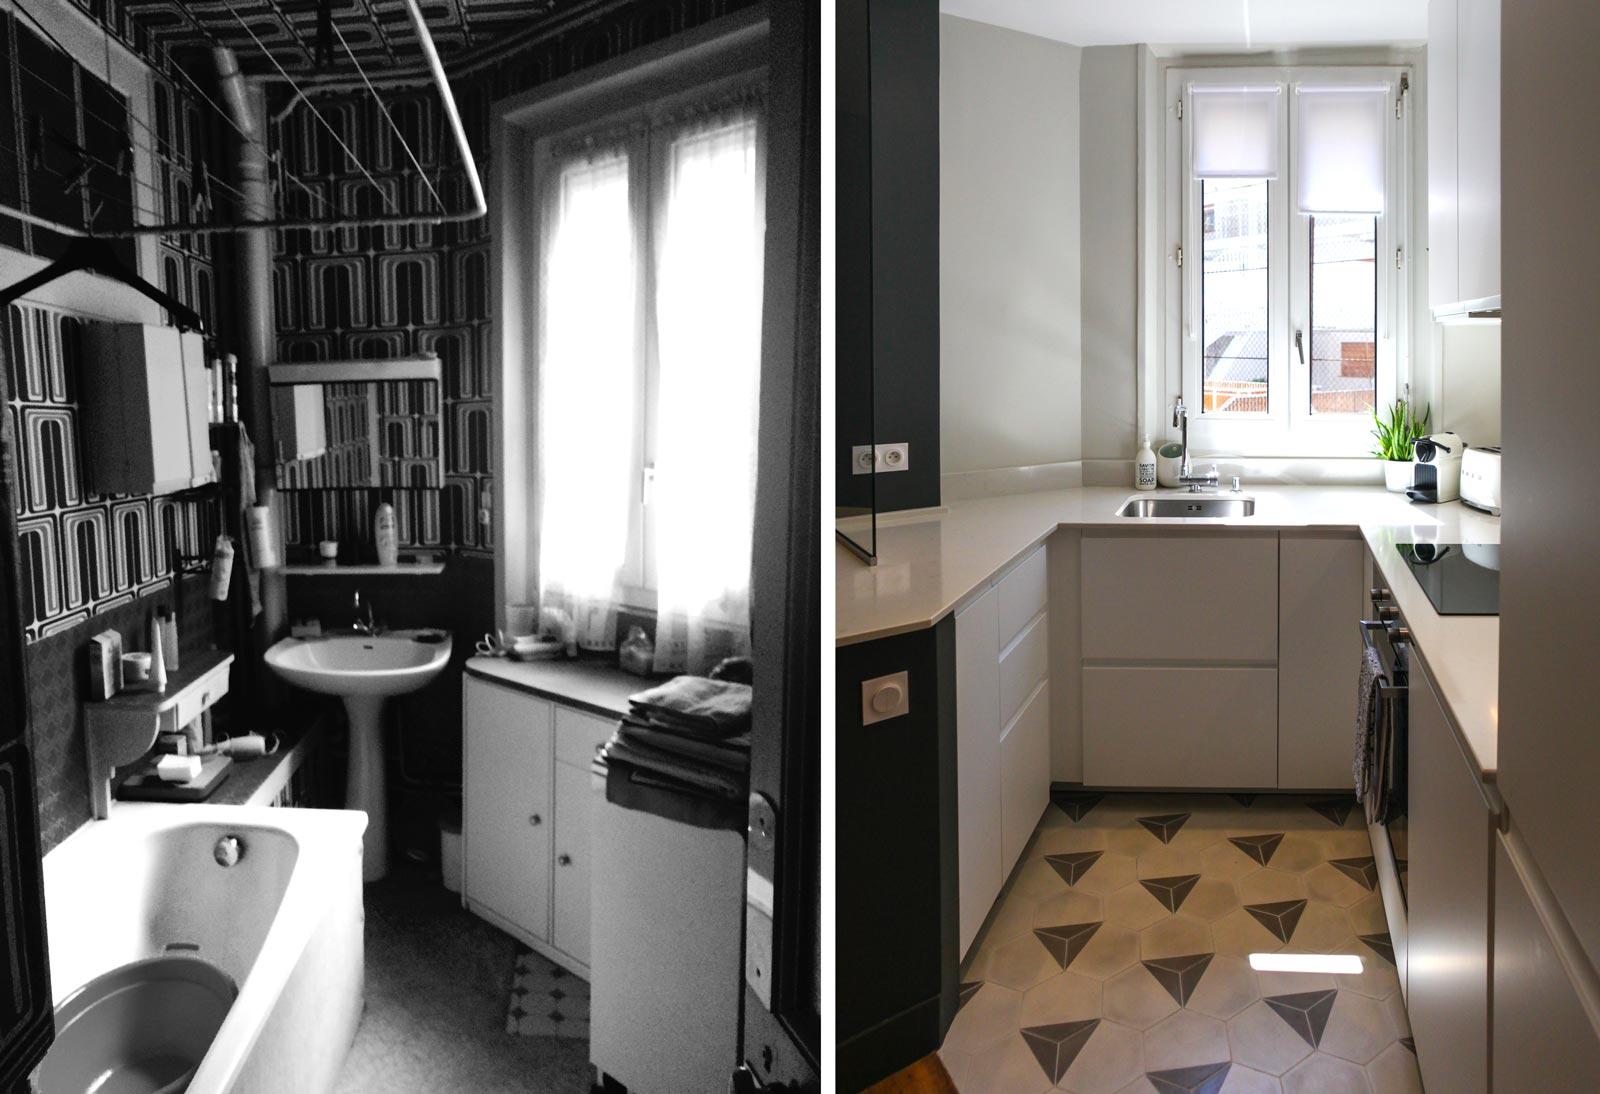 Photo avant après d'une cuisine plus lumineuse après les travaux de rénovation et d'aménagement